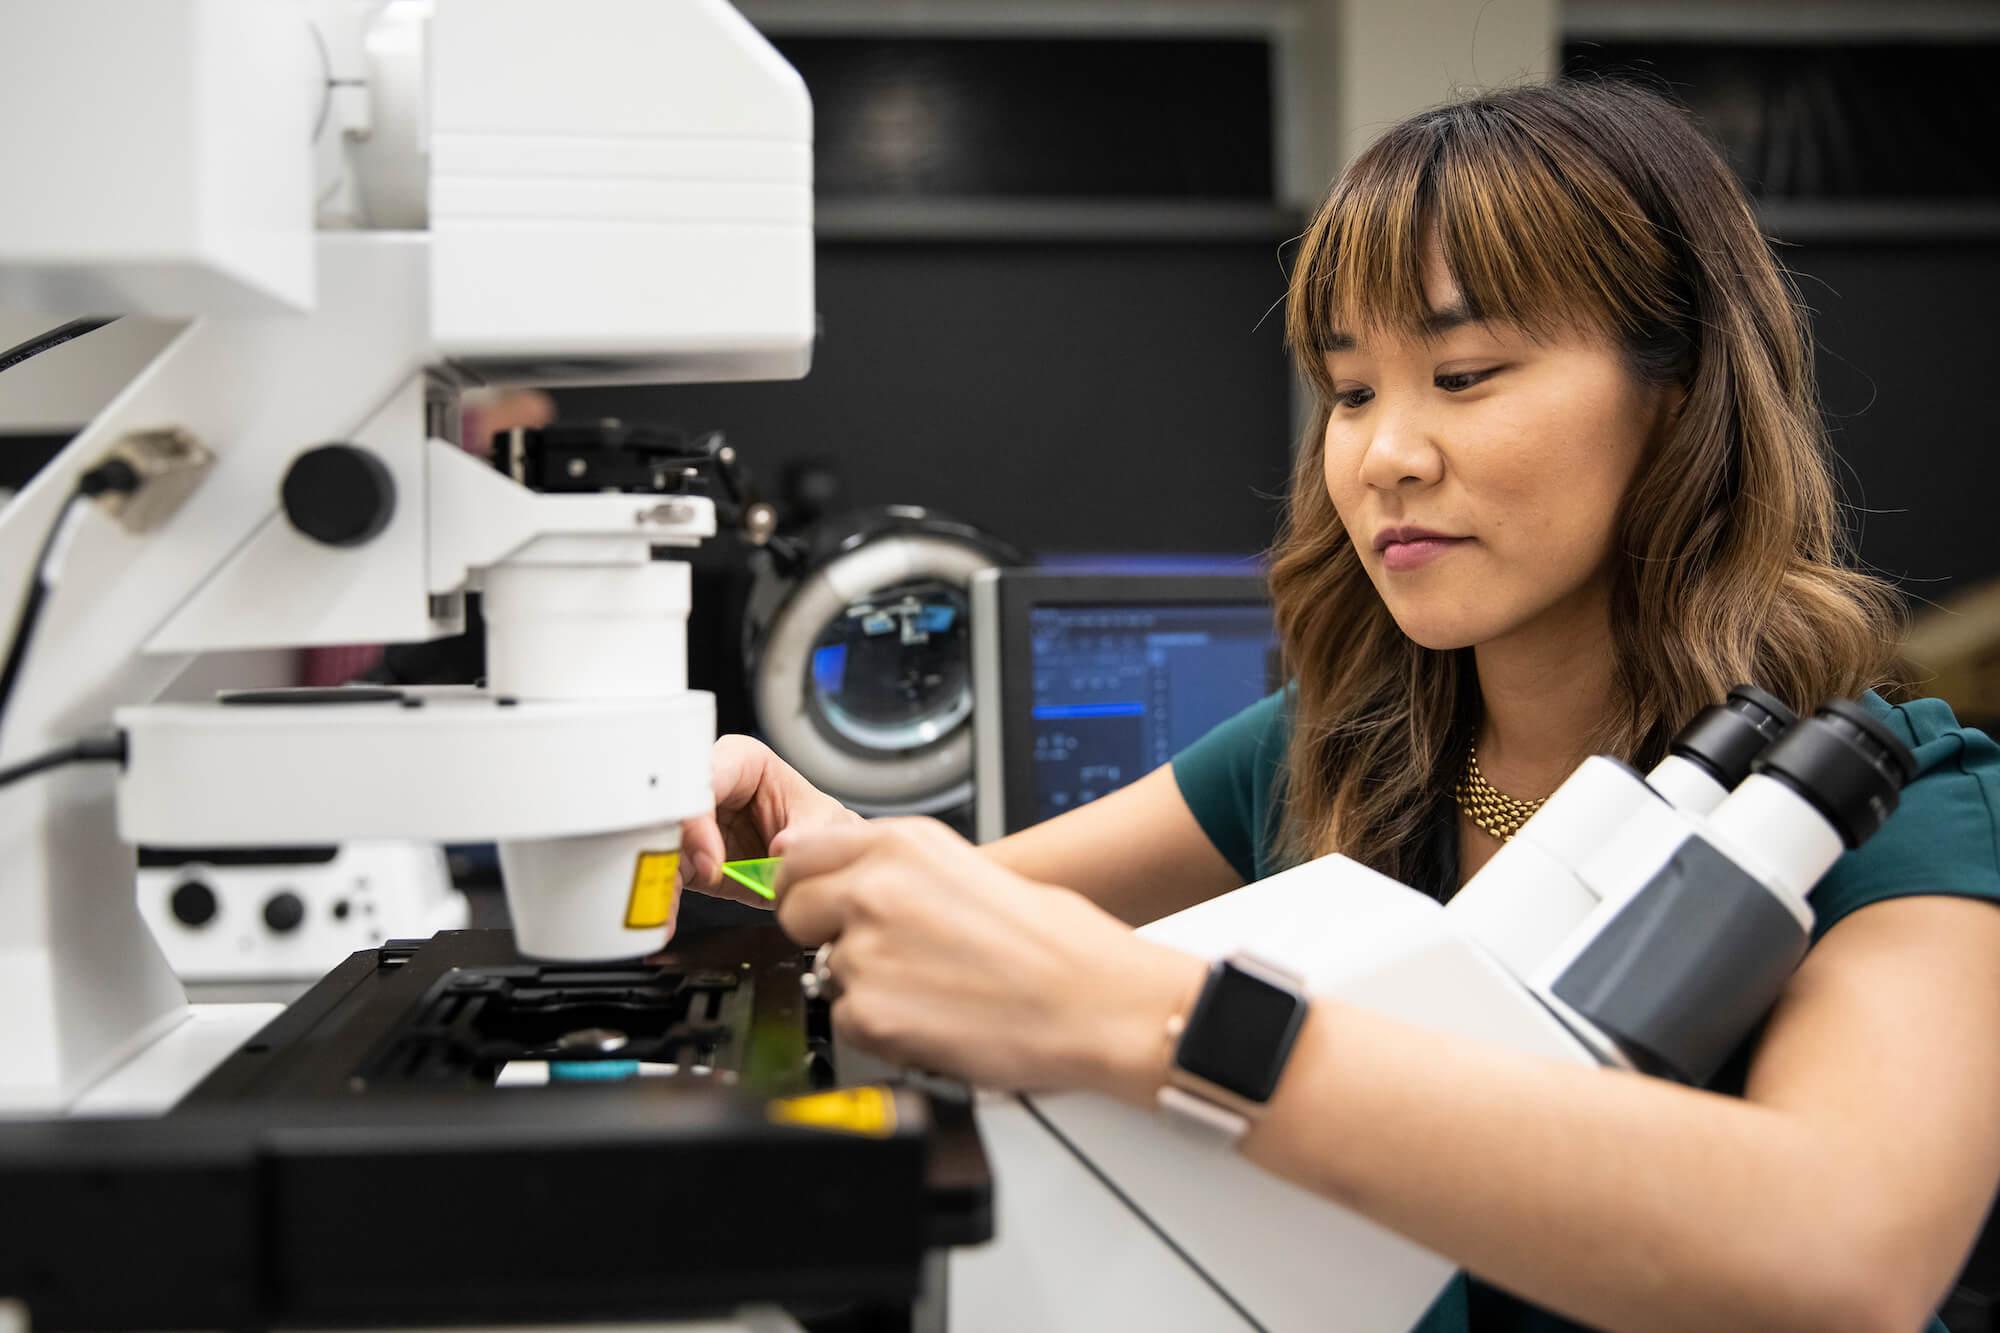 microscope-imaging-scientist-michelle-itano-opt